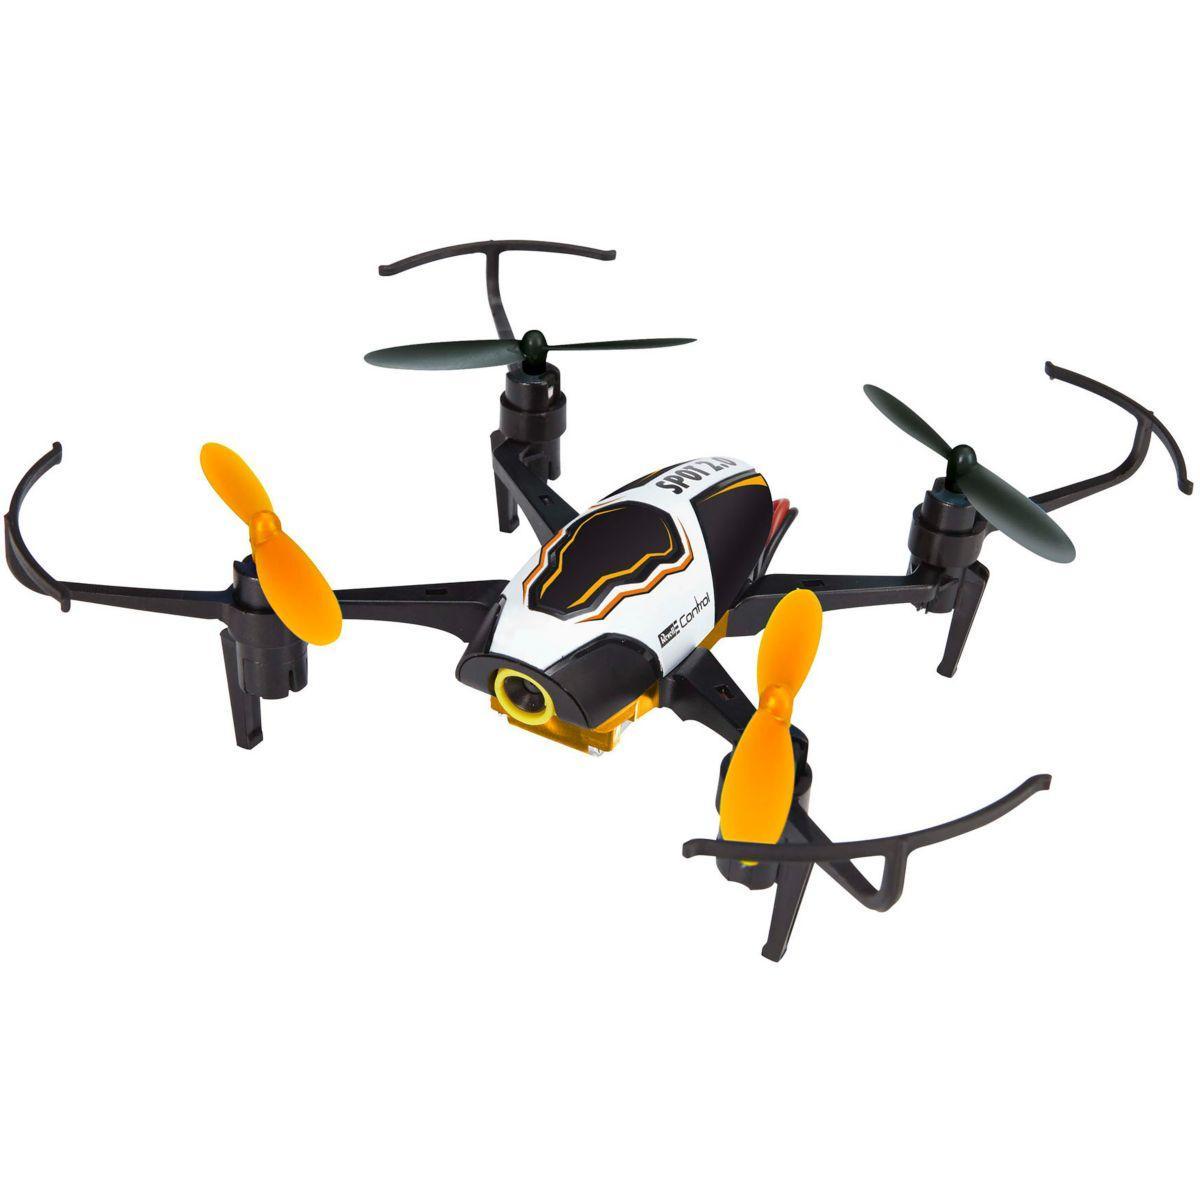 Drone revell quadcopter spot 2.0 - 10% de remise immédiate avec le code : fete10 (photo)